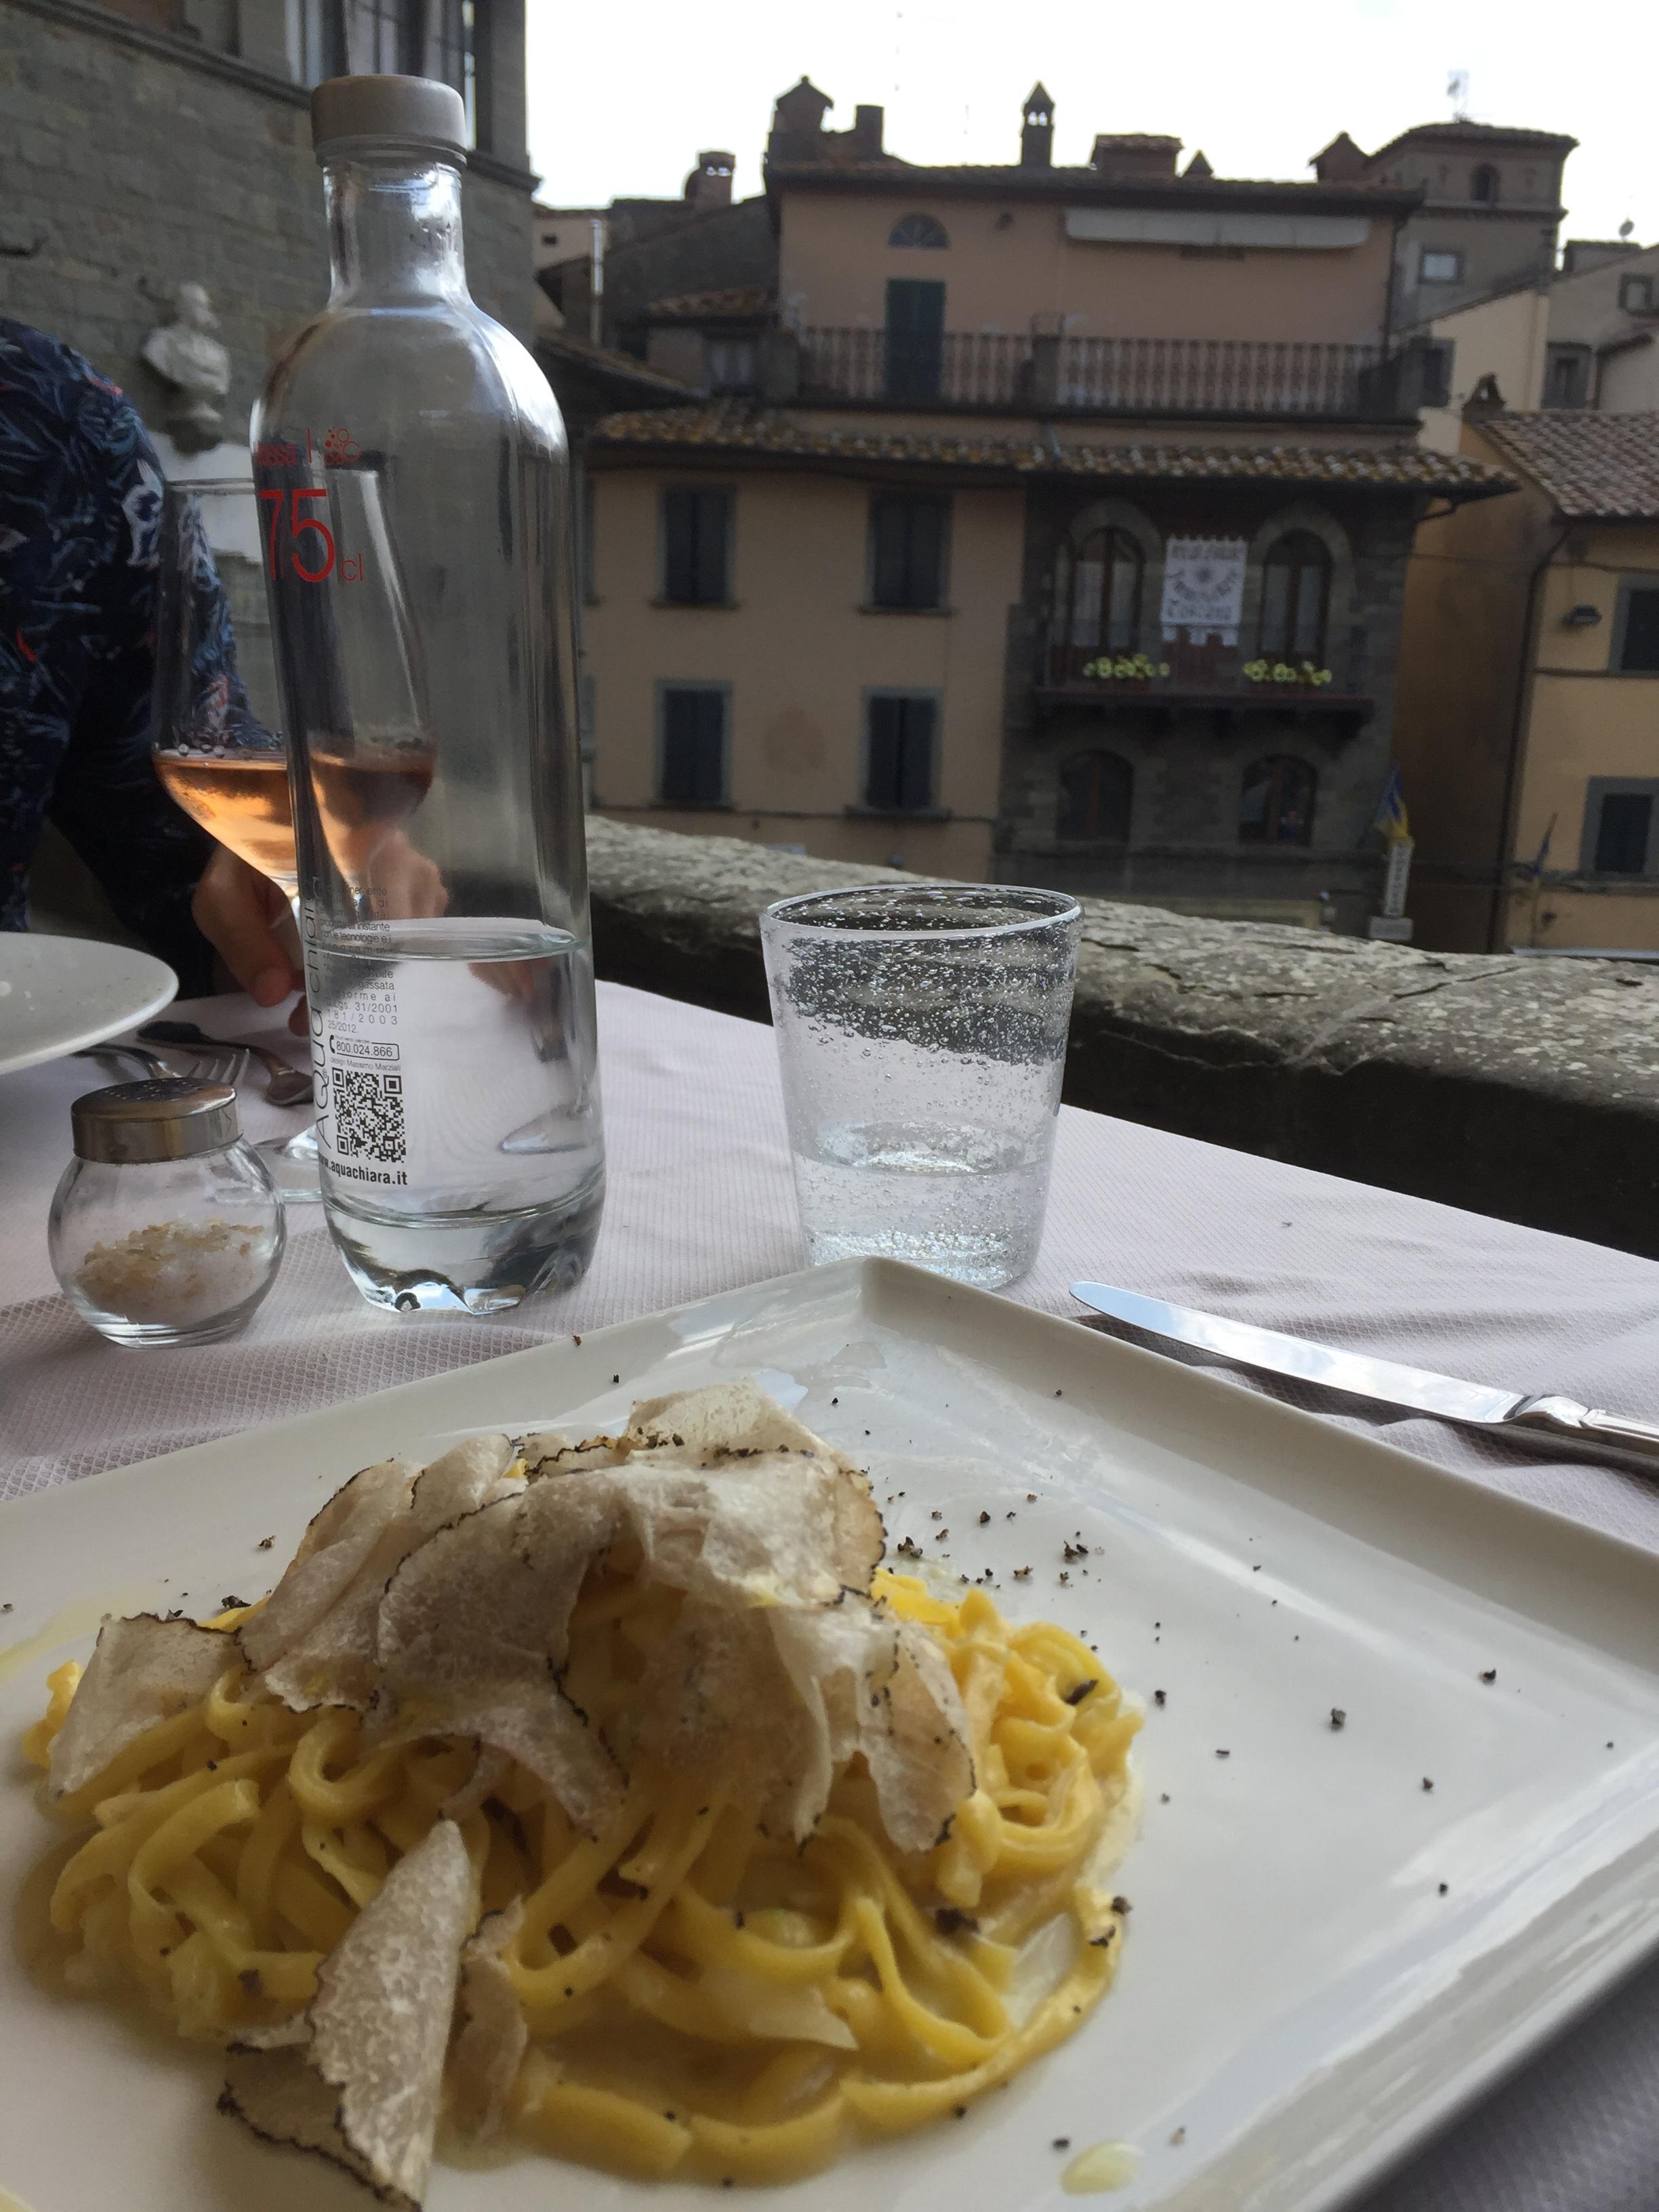 truffle and cabbage pasta at La Loggetta